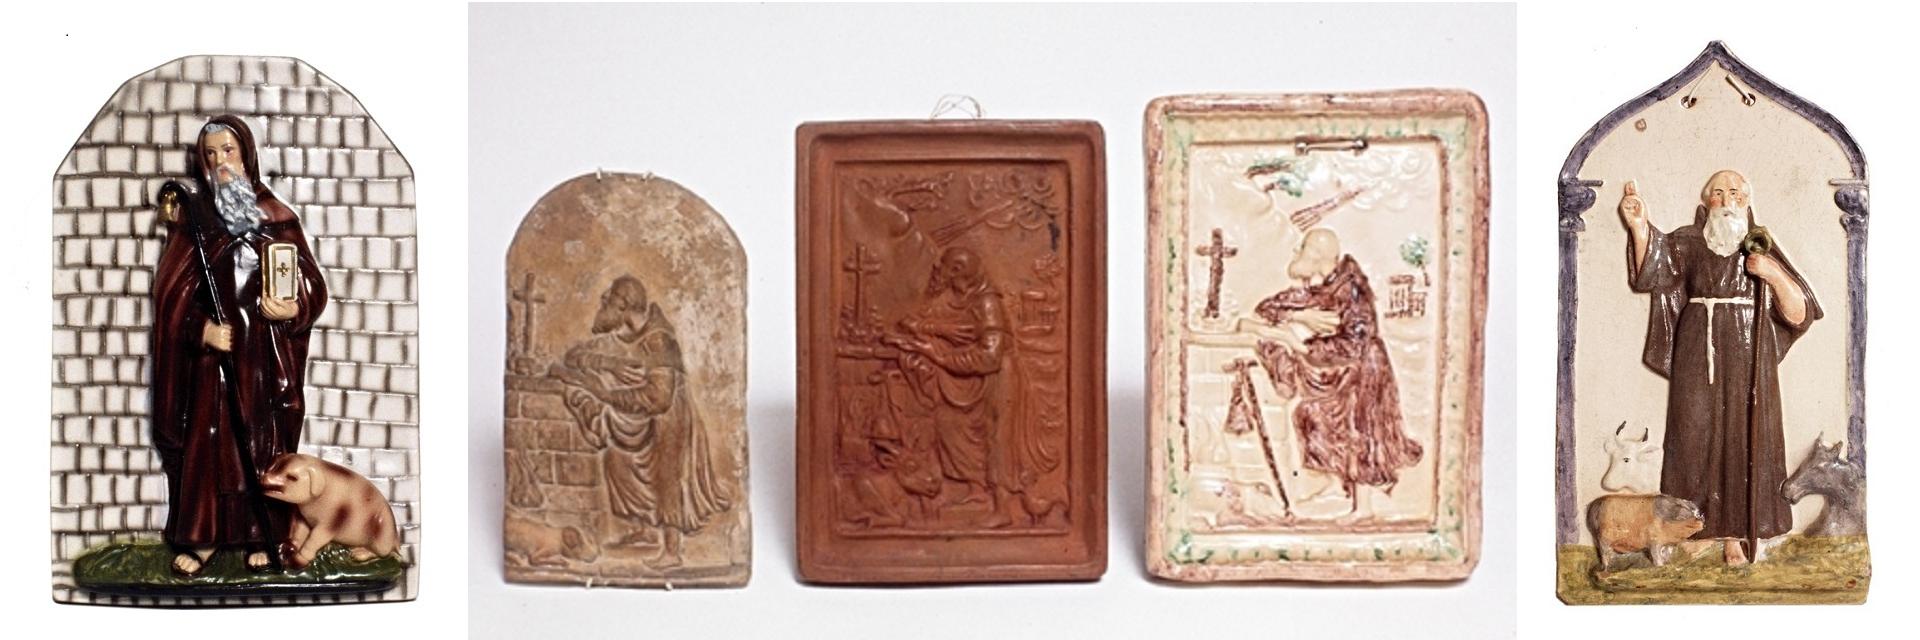 Collezione ceramiche devozionali